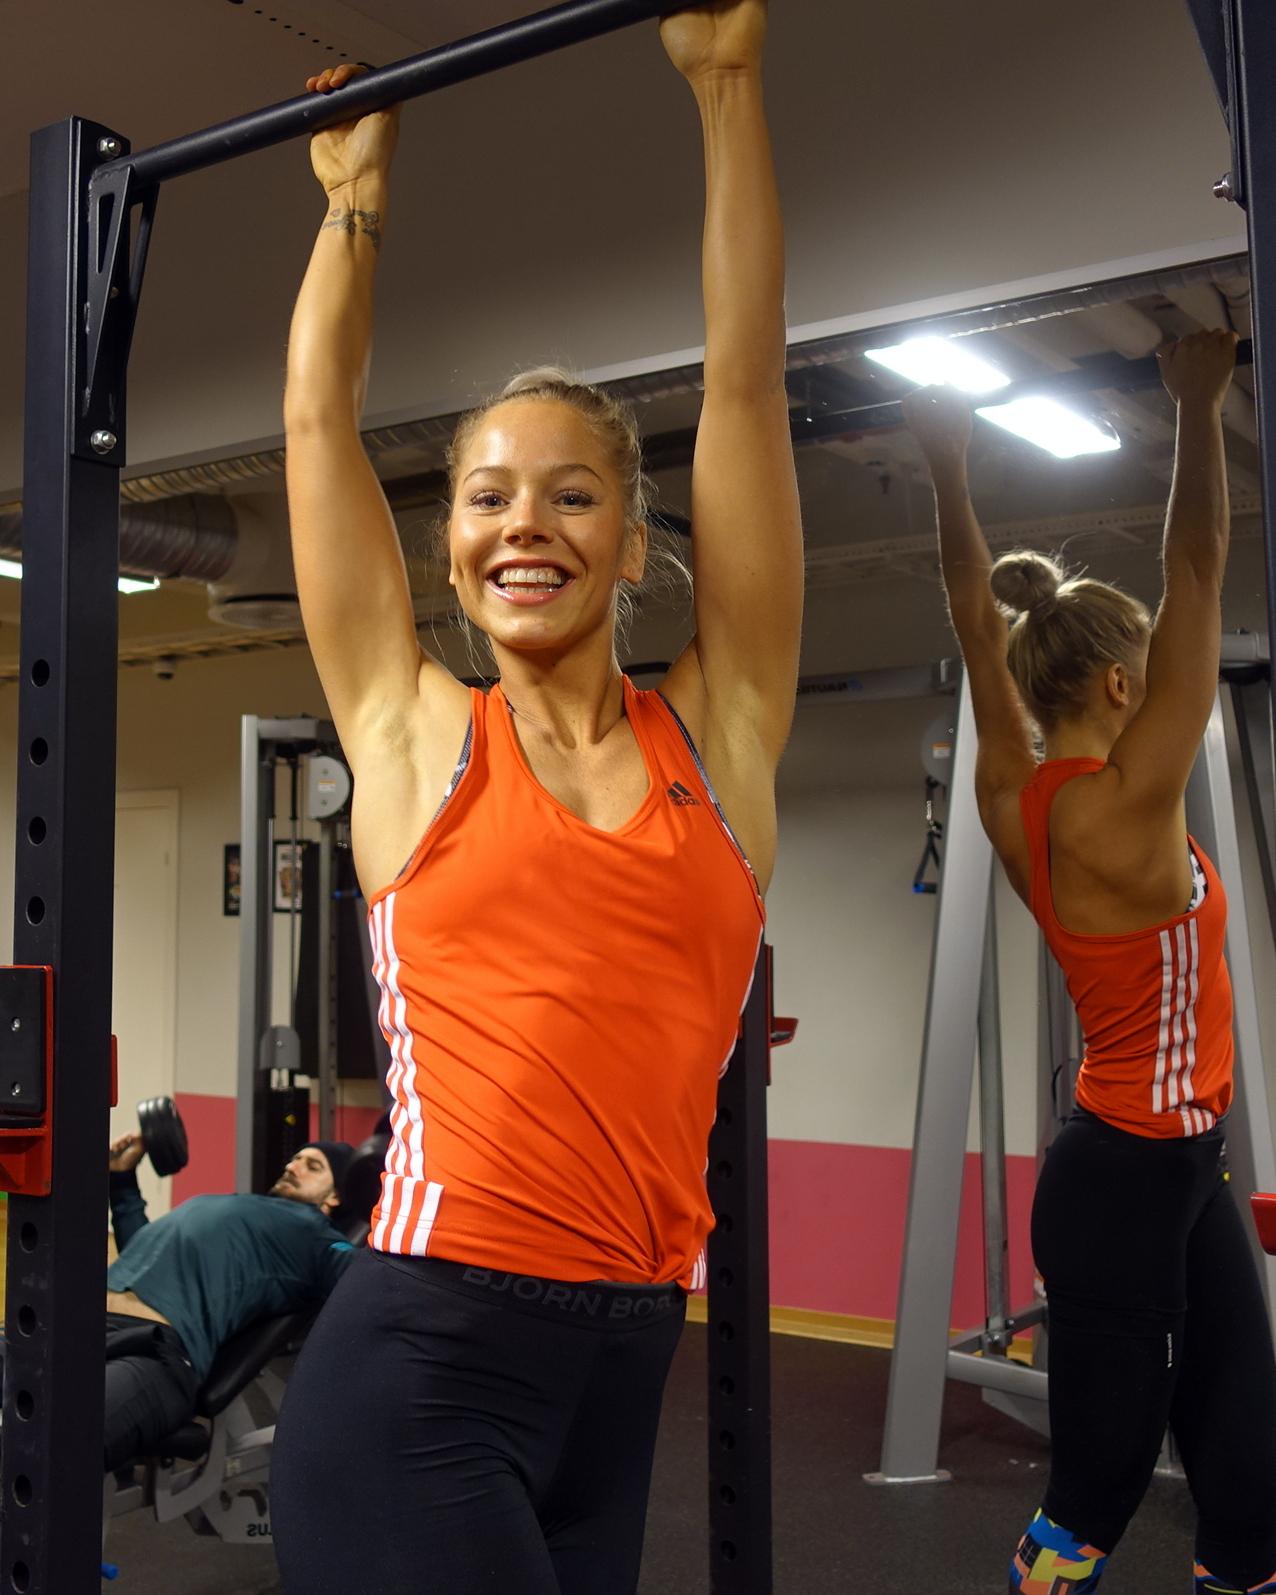 Kvinner svart fitte